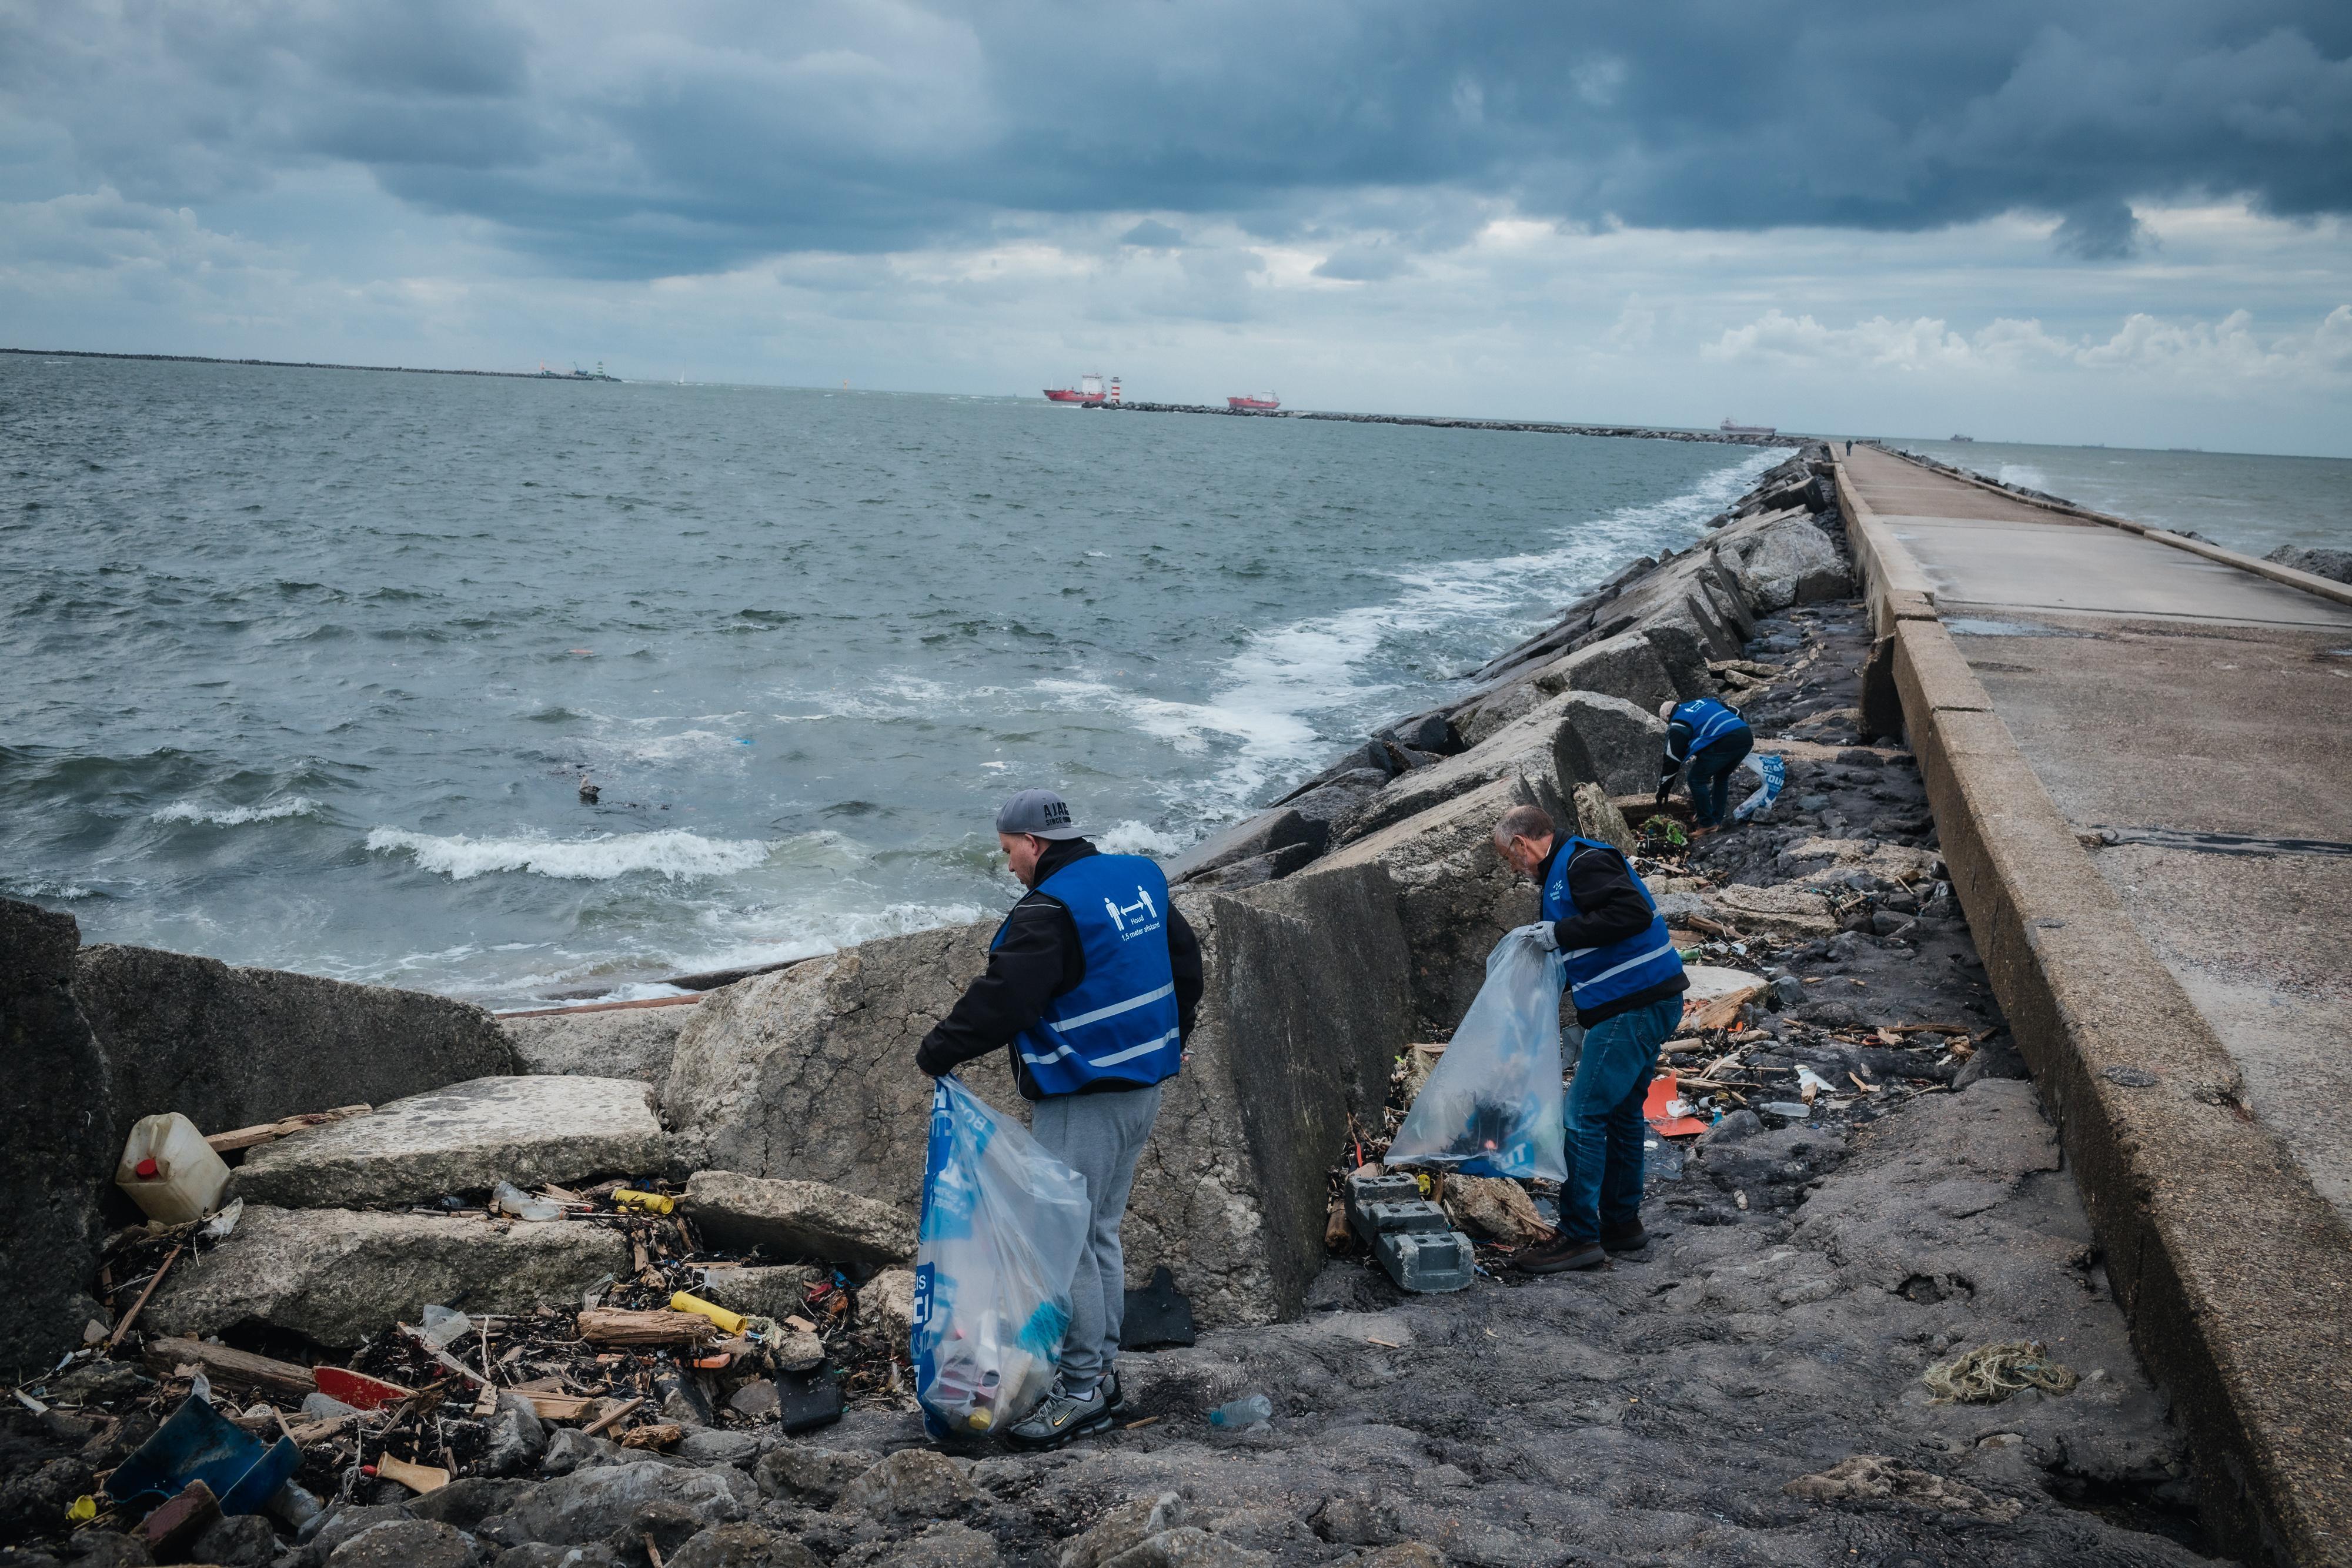 Meer troep in natuurgebieden: 'Mensen laten hele barbecues, dekens en tientallen vuilniszakken achter'